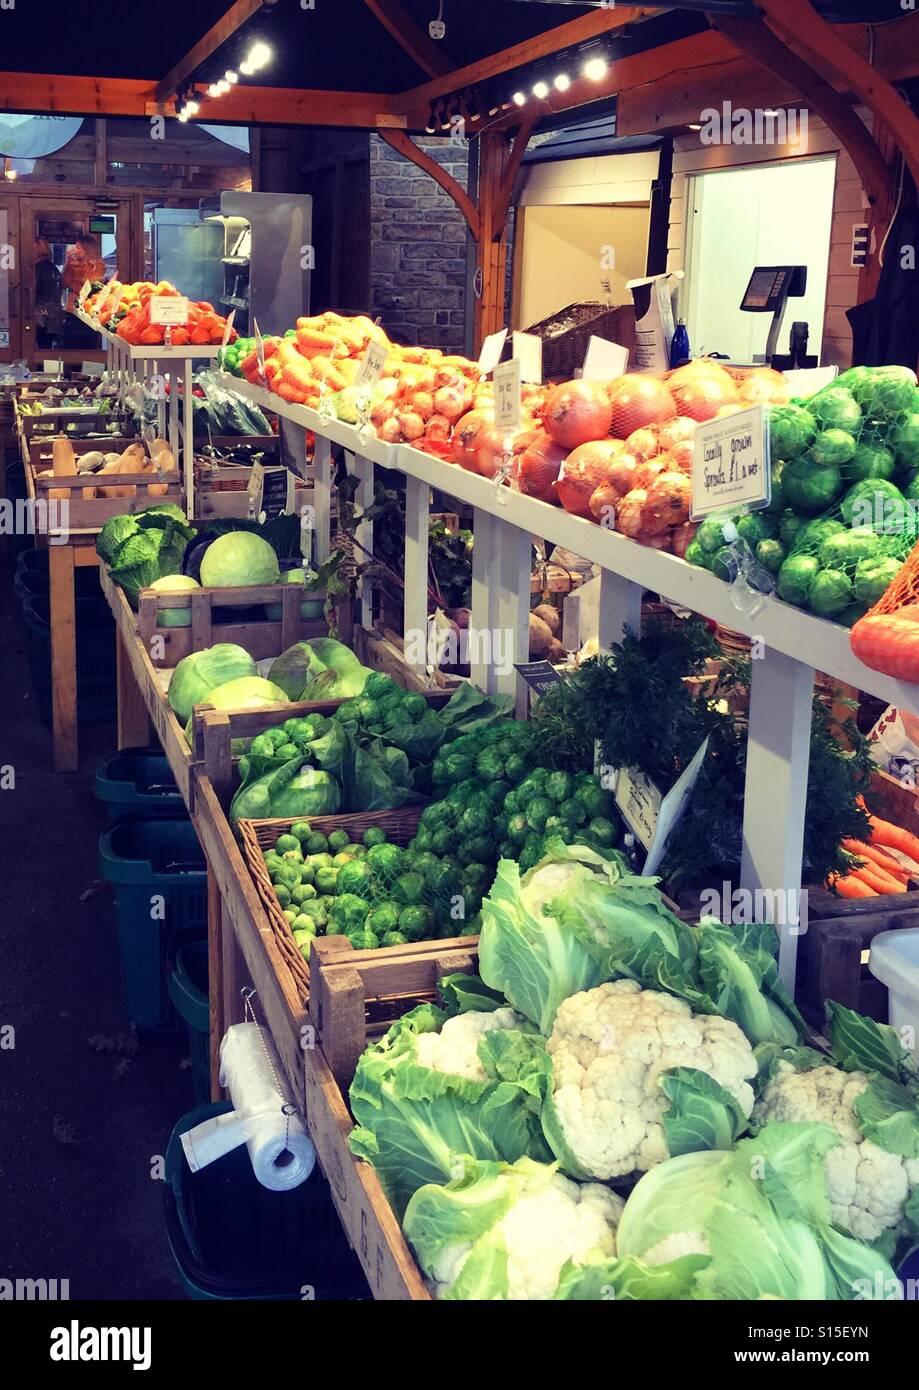 Obst und Gemüse Stall mit viel Wintergemüse Stockbild